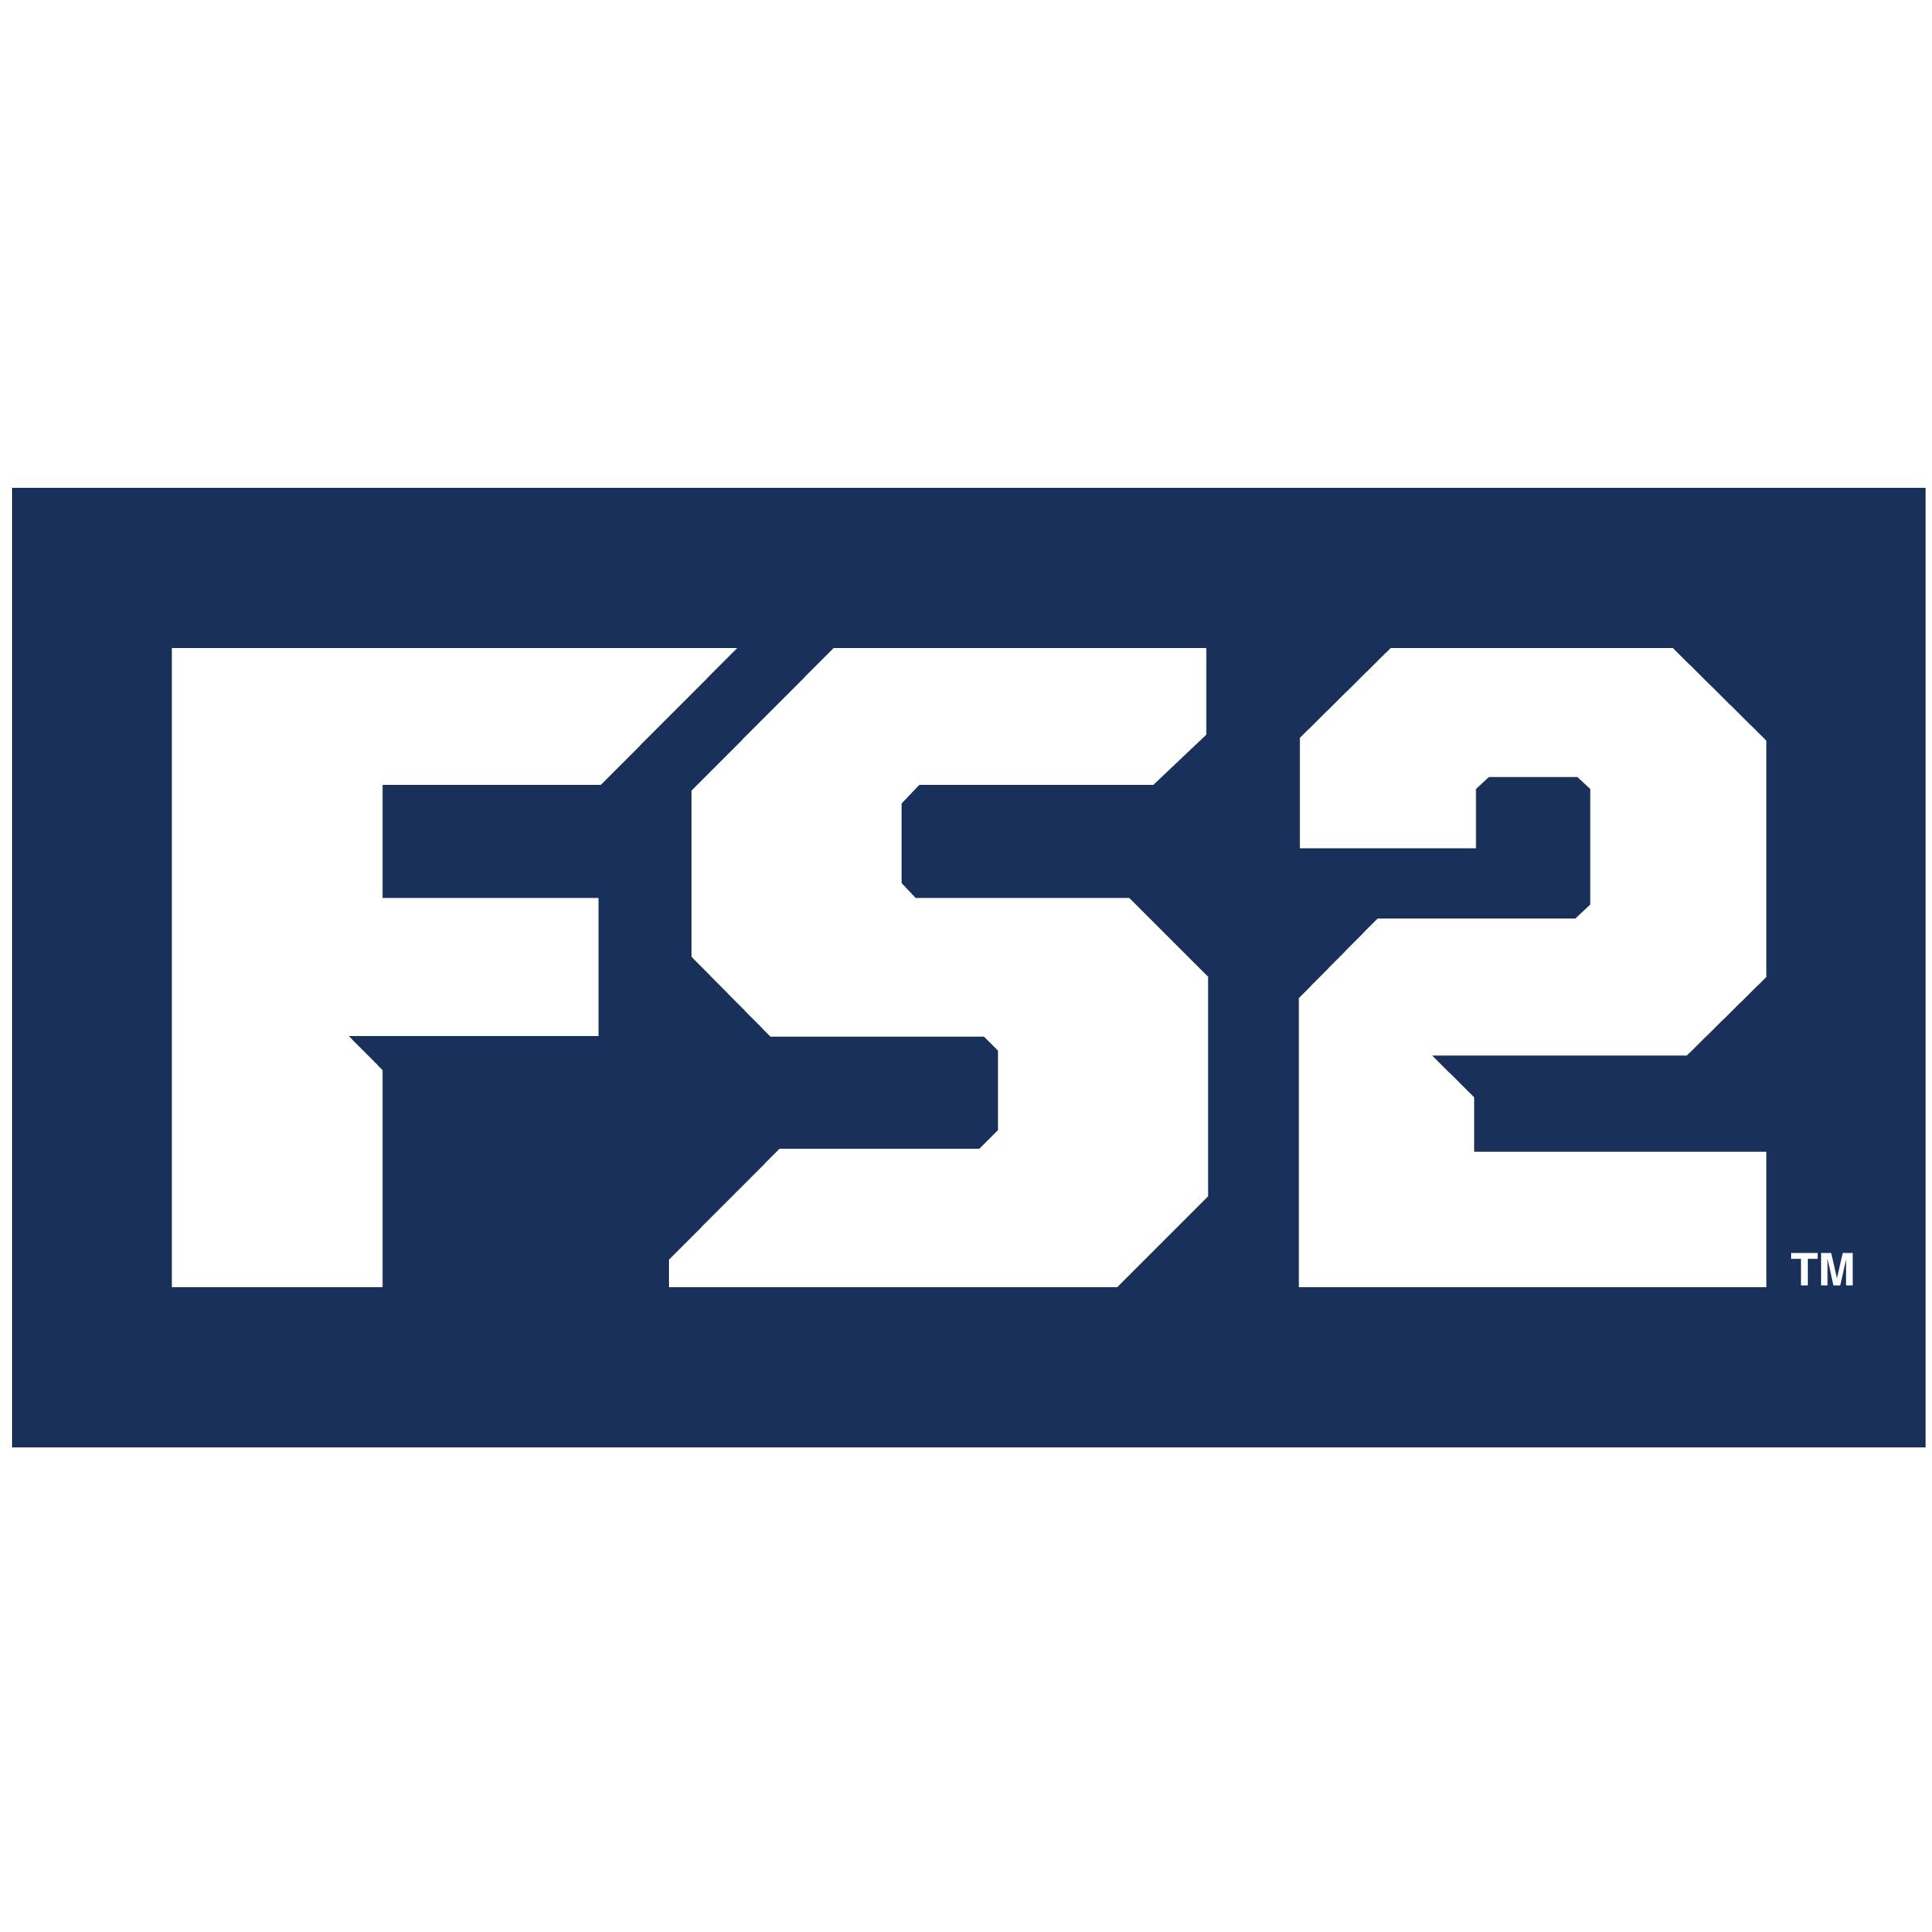 fox sports 2 - tv listings guide